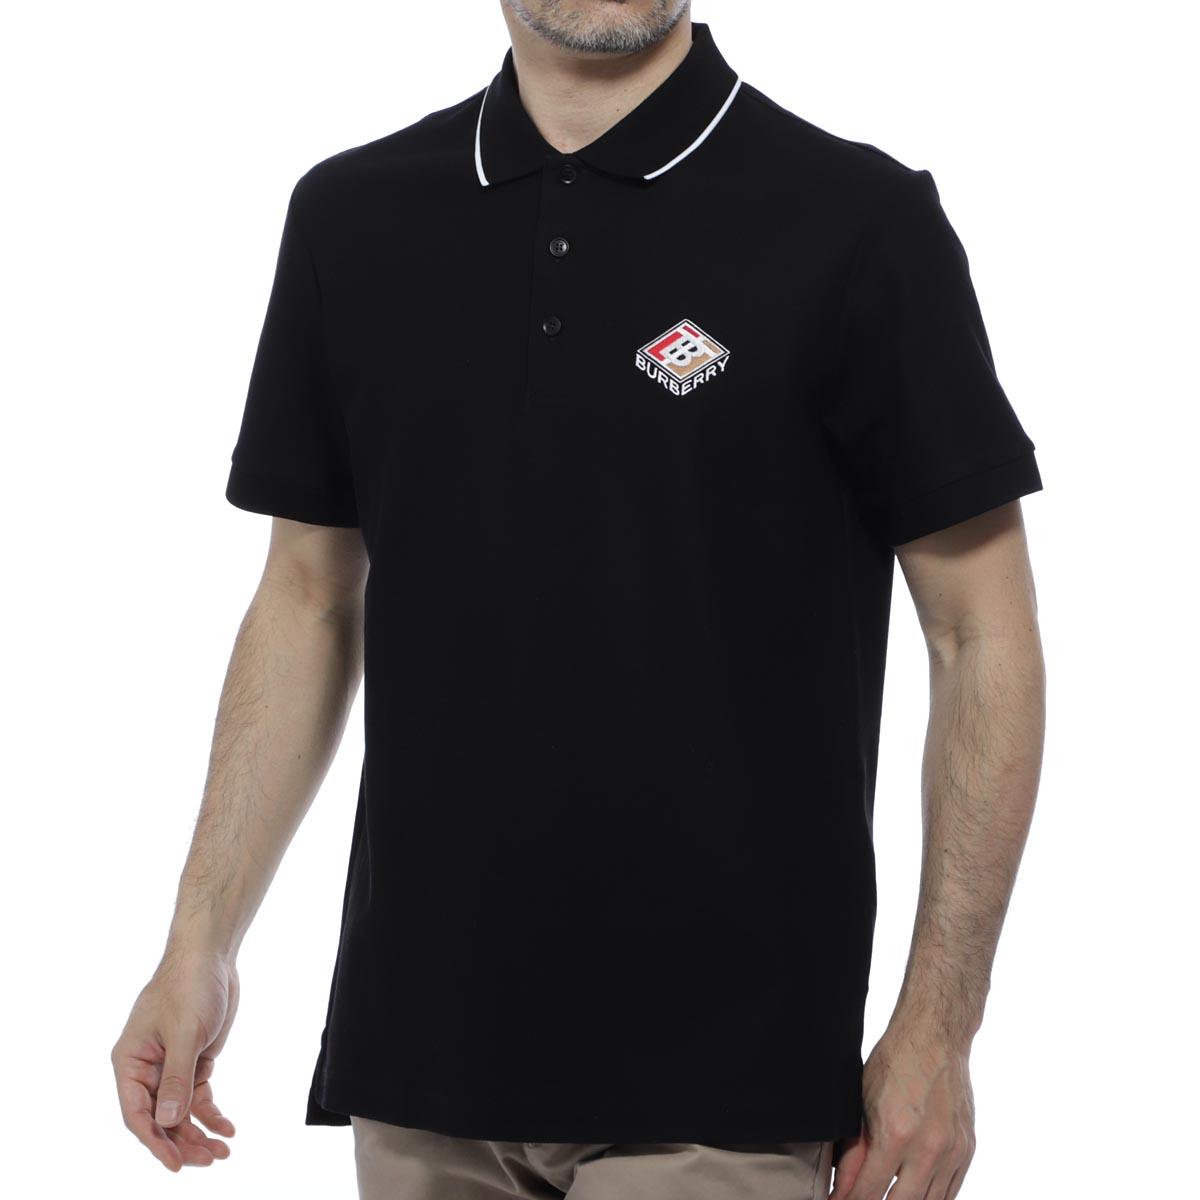 【アウトレット】【ラスト1点】バーバリー BURBERRY ポロシャツ ブラック メンズ ゴルフ 8021833 black AIDEN【あす楽対応_関東】【返品送料無料】【ラッピング無料】[outnew]